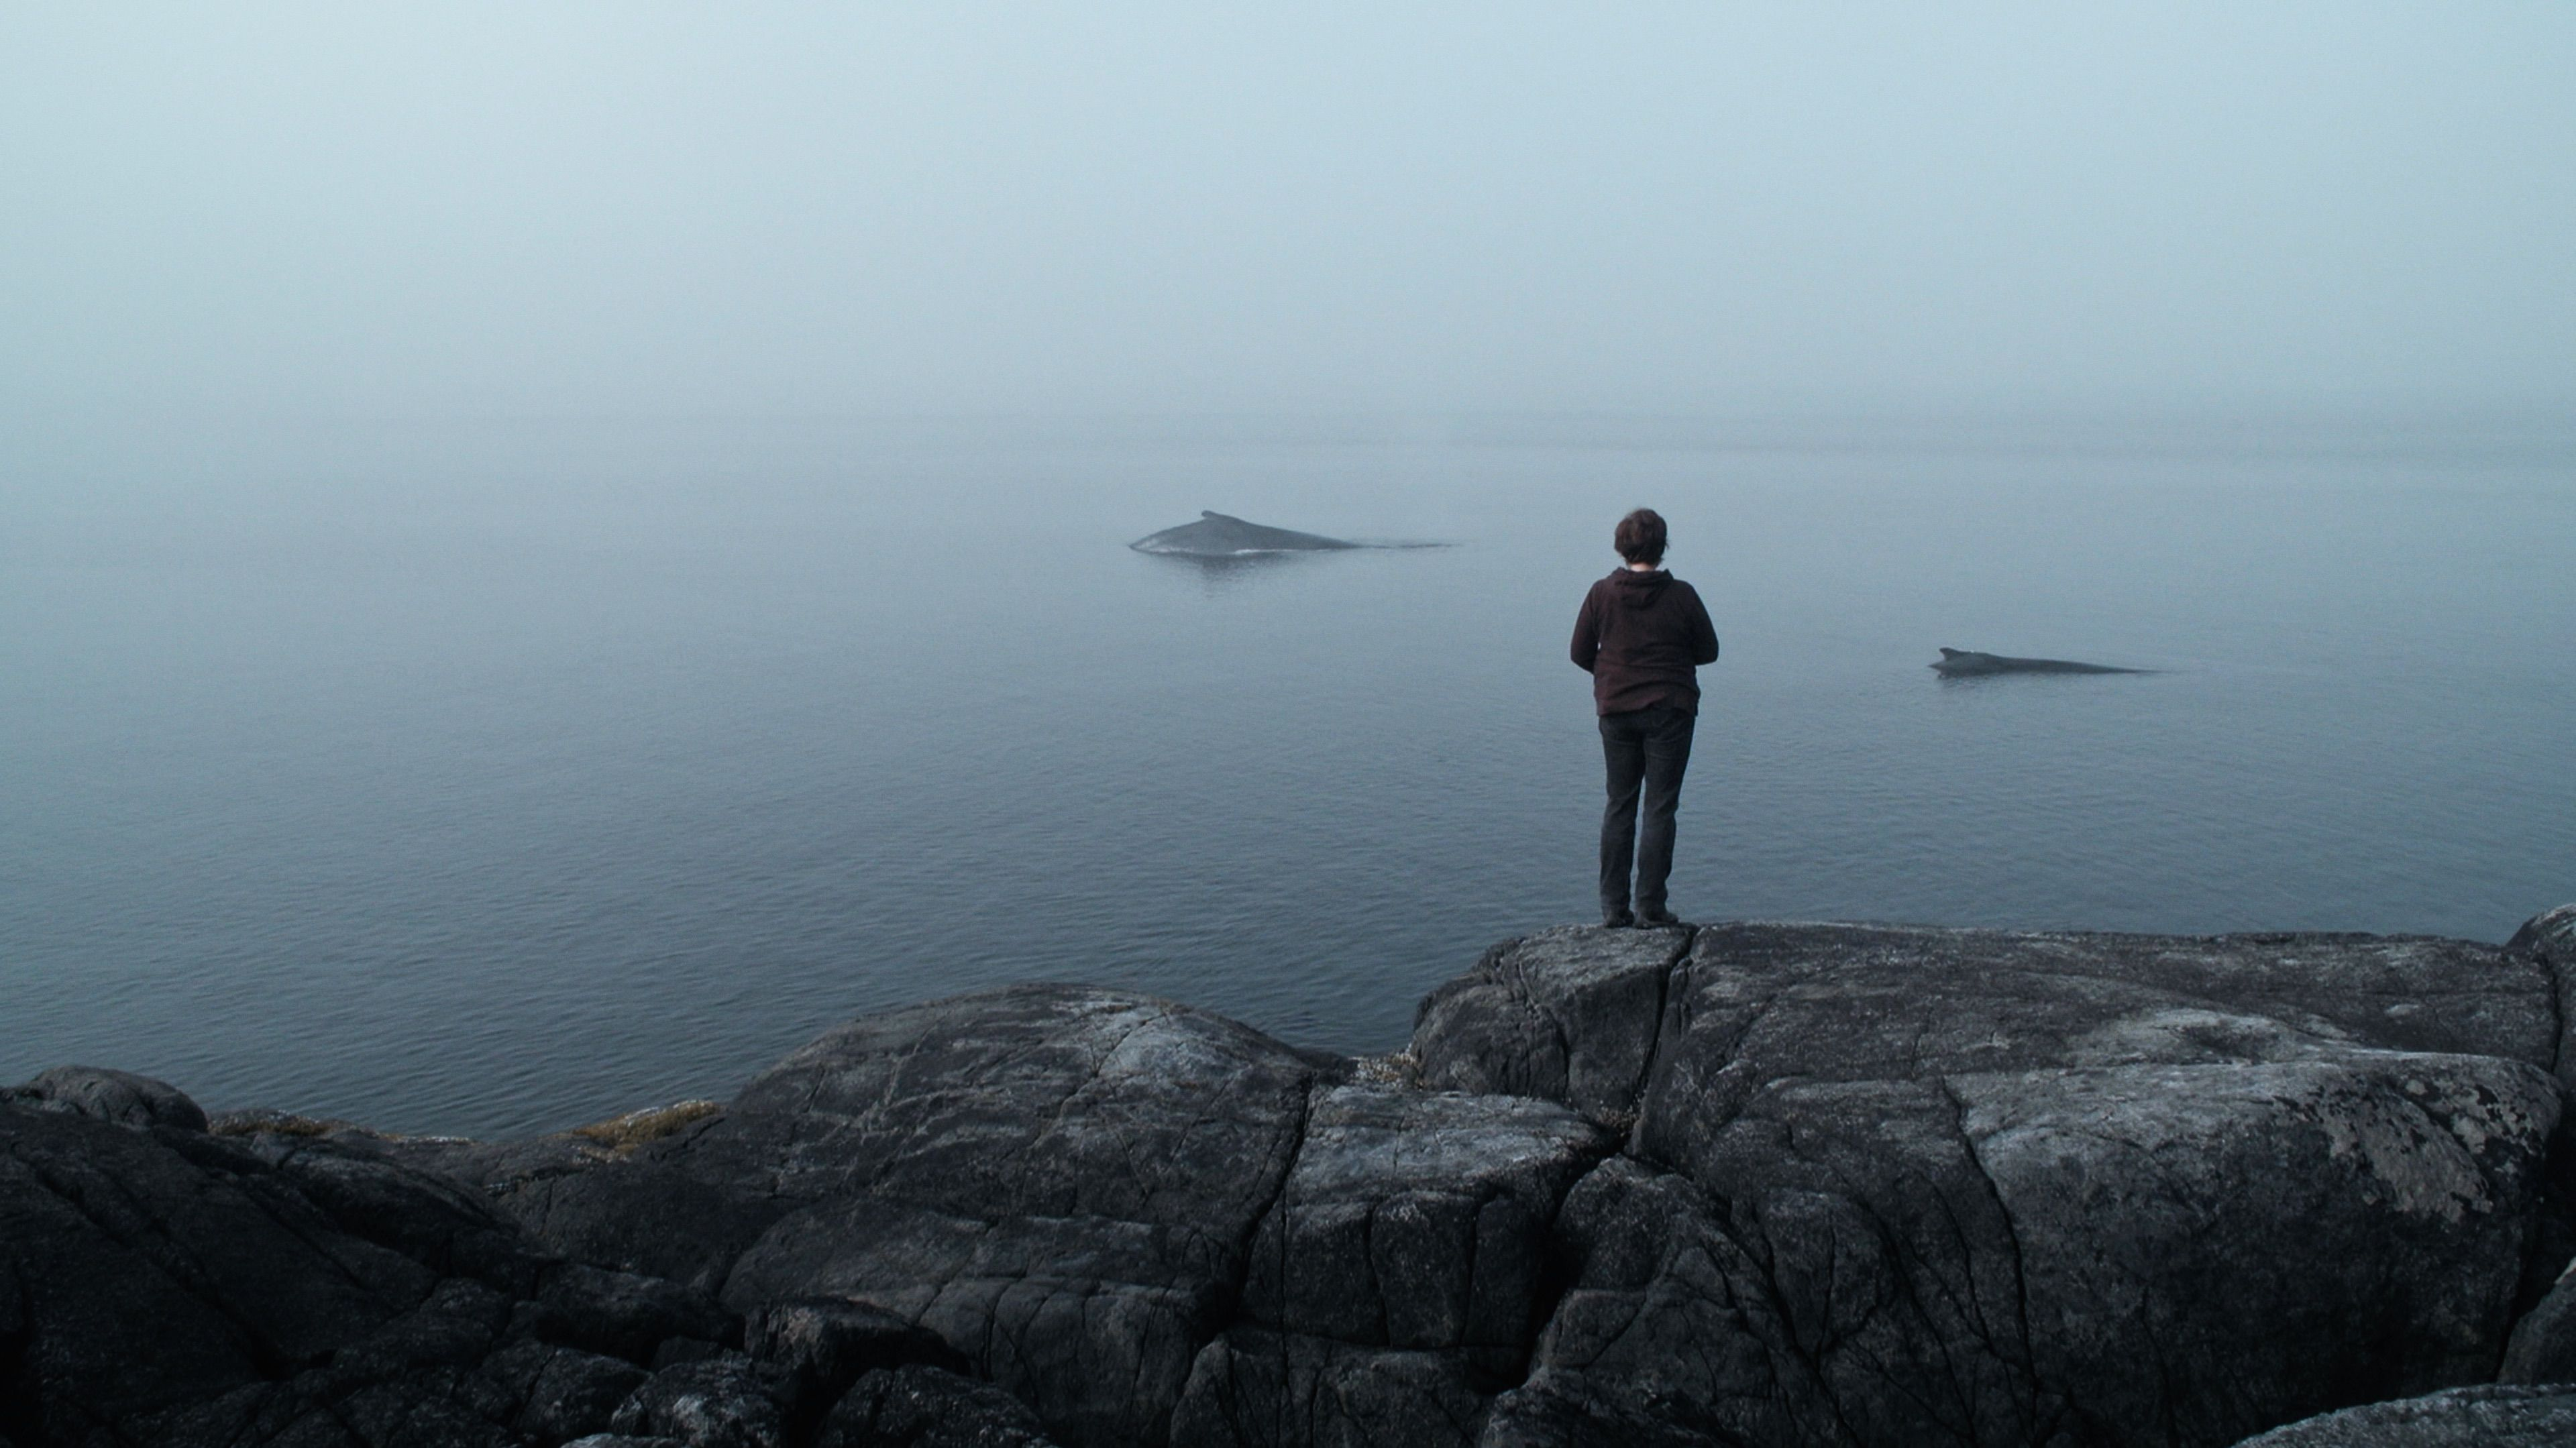 Eine Frau steht auf Felsen vor einem Meer aus dem gerade zwei Wale auftauchen.